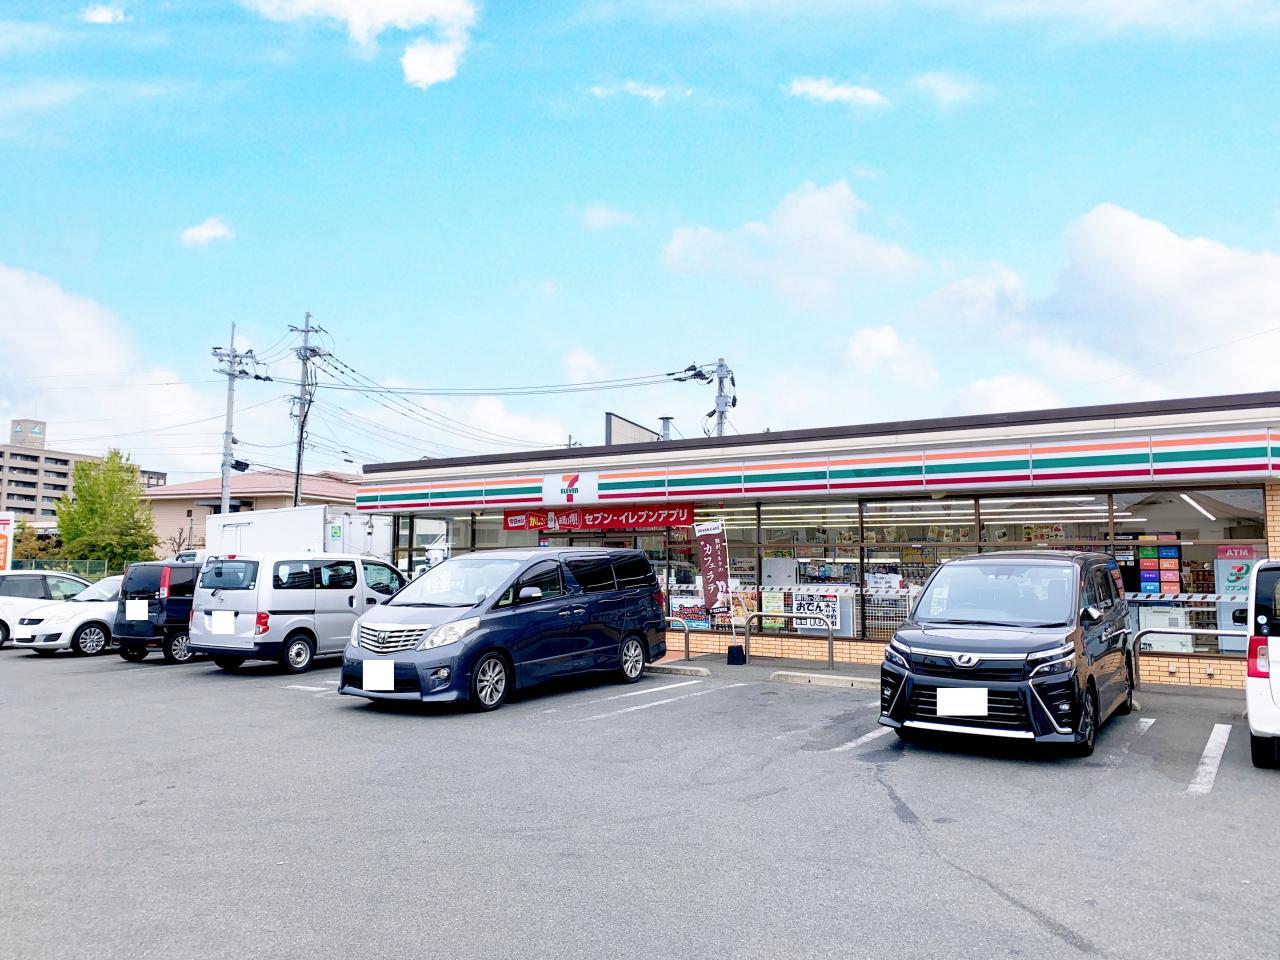 セブン-イレブン 佐賀成章町店